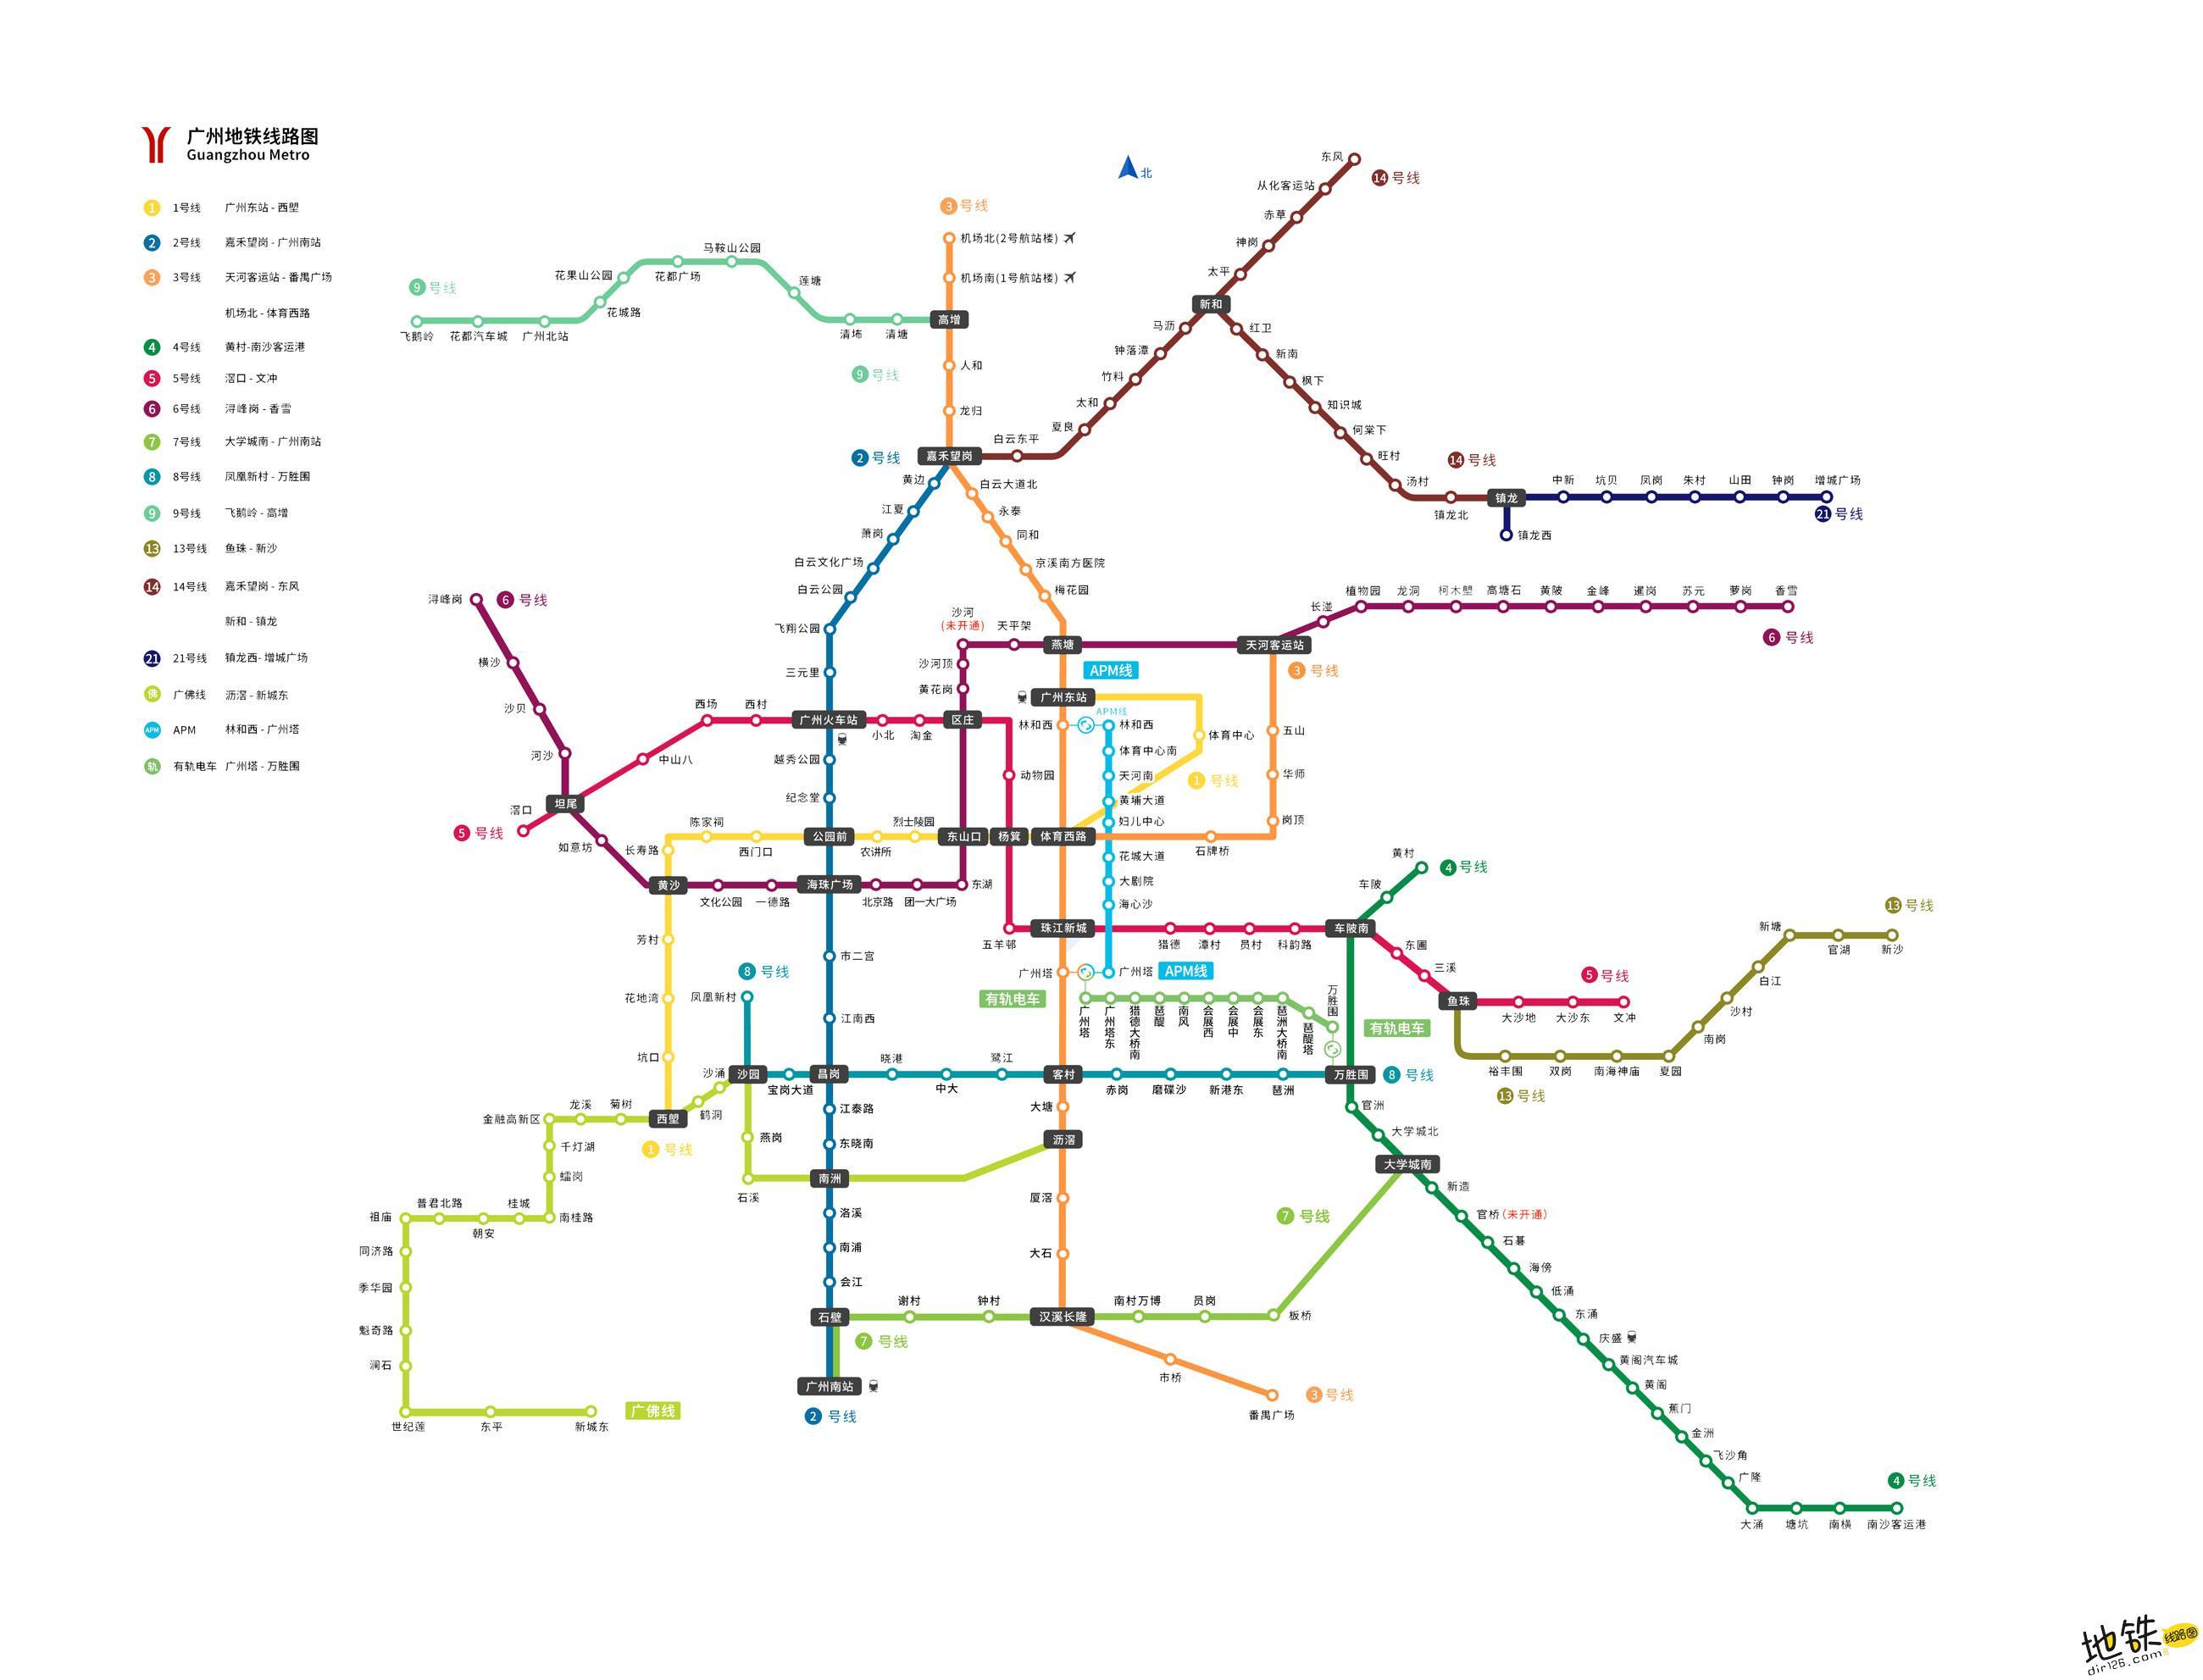 广州地铁线路图 运营时间票价站点 查询下载 广州地铁线路查询 广州地铁线路图 广州地铁票价 广州地铁运营时间 广州地铁 广州地铁线路图  第2张